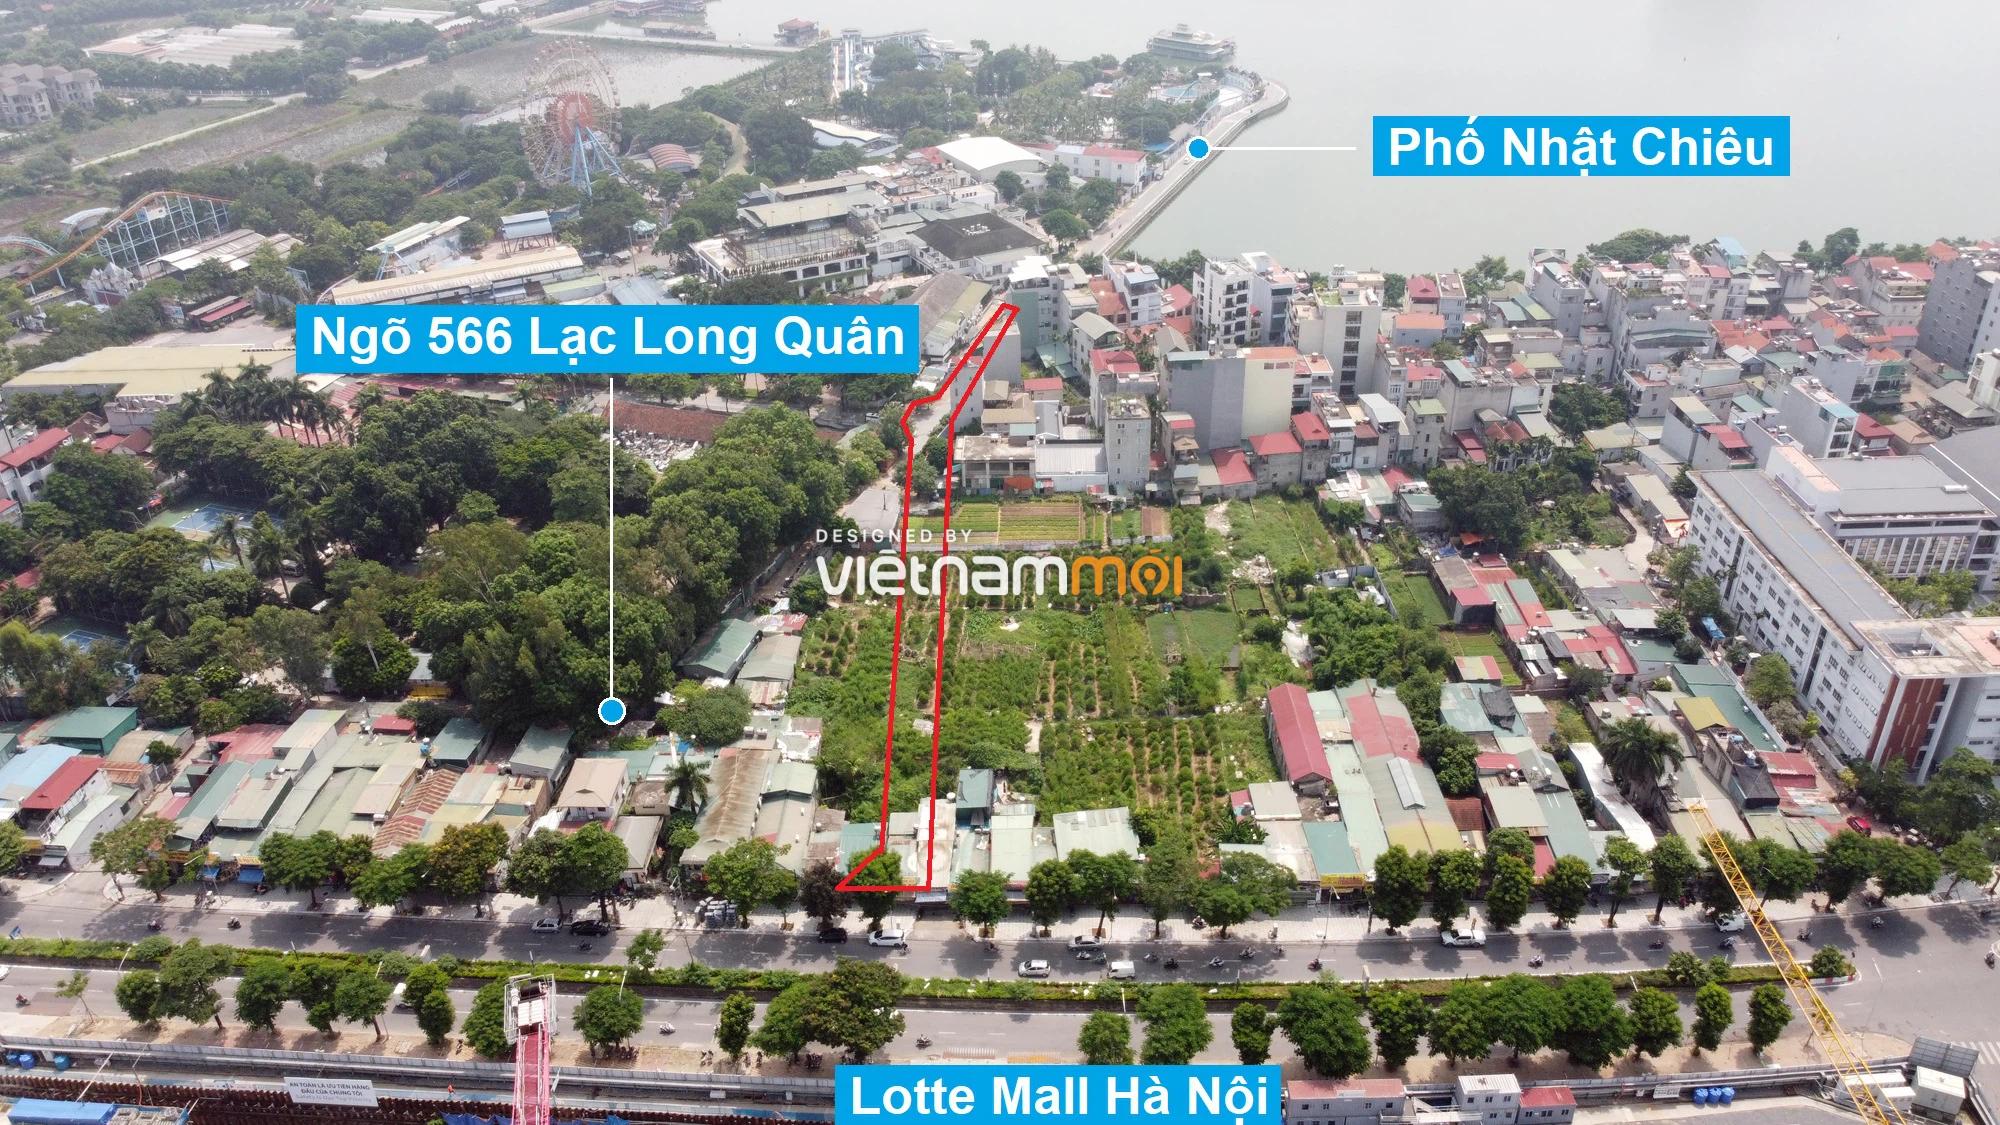 Những khu đất sắp thu hồi để mở đường ở quận Tây Hồ, Hà Nội (phần 3) - Ảnh 5.